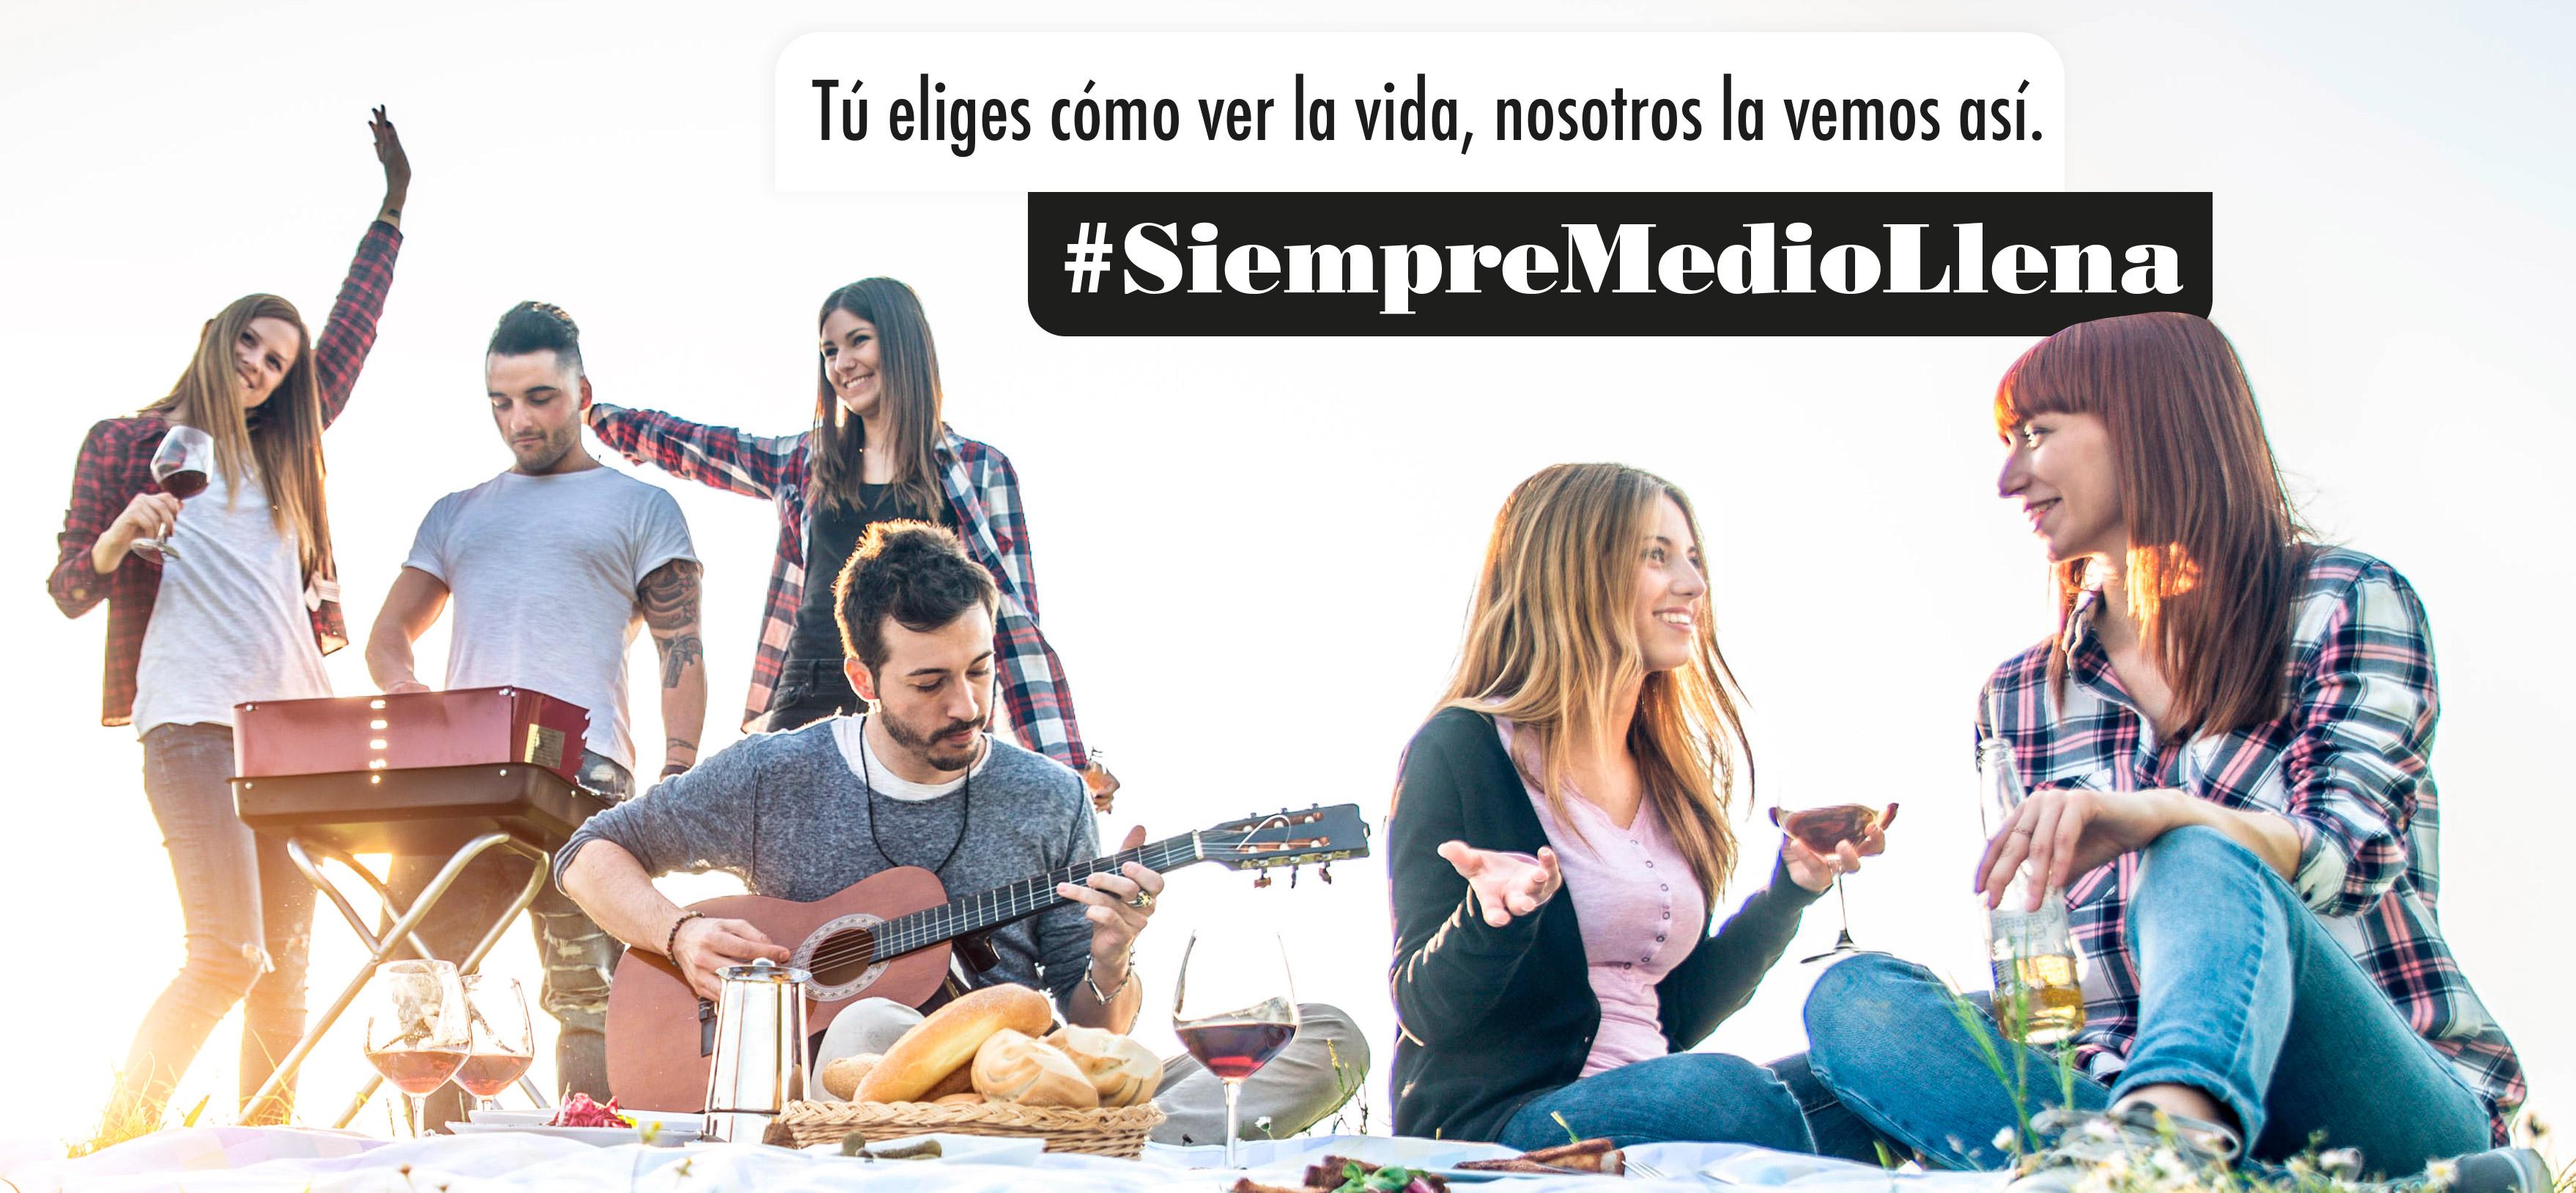 El sector del vino invita al optimismo a través de su nueva campaña #SiempreMedioLlena